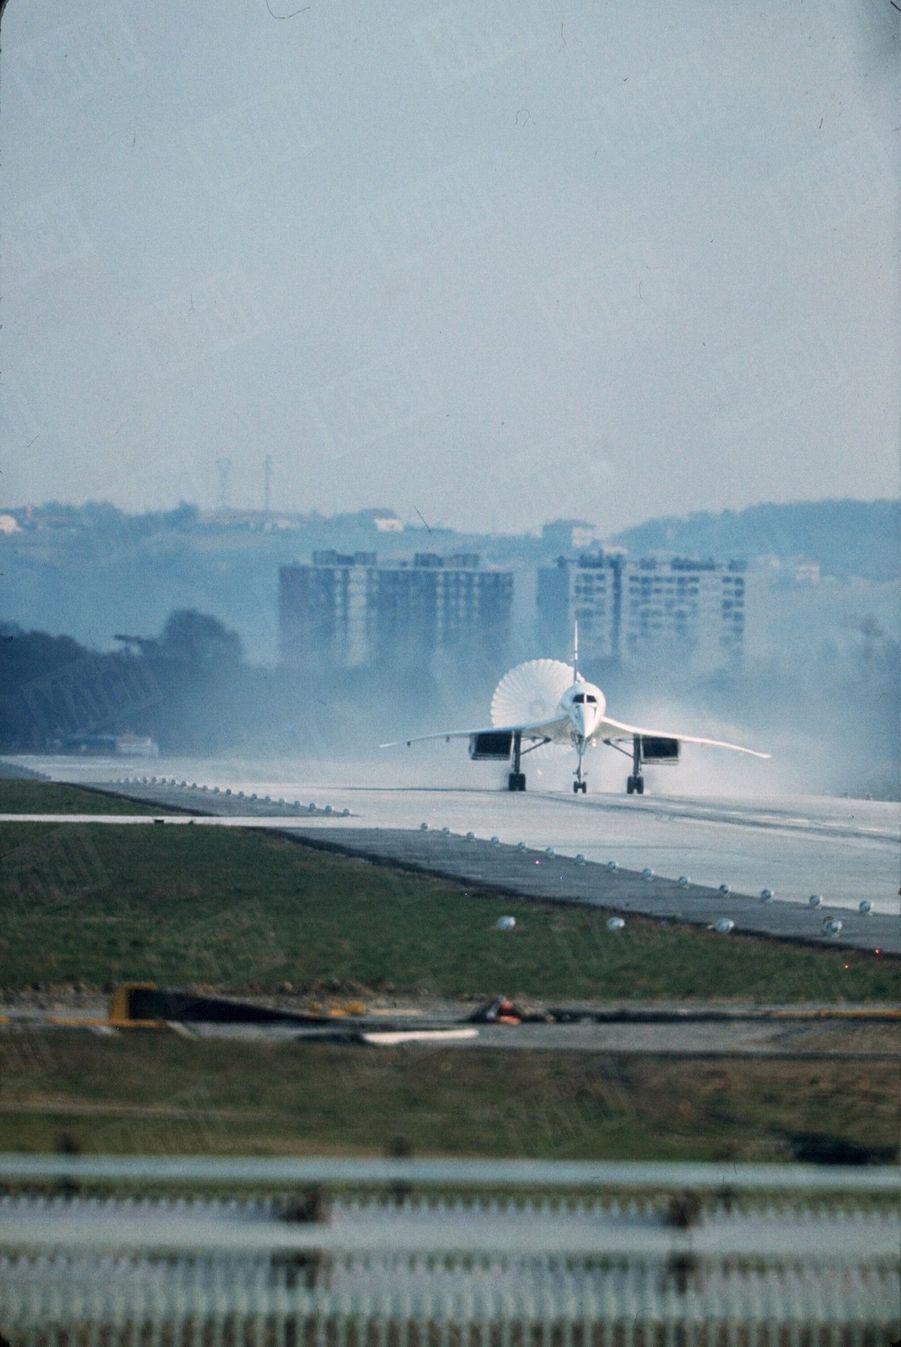 """""""16h10, double nuage de poussière, « Concorde » retrouve le sol.Le parachute de queue s'ouvre pour le freiner. Il roule 1500 mètres.""""-Paris Match n°1035, 8 mars 1969"""